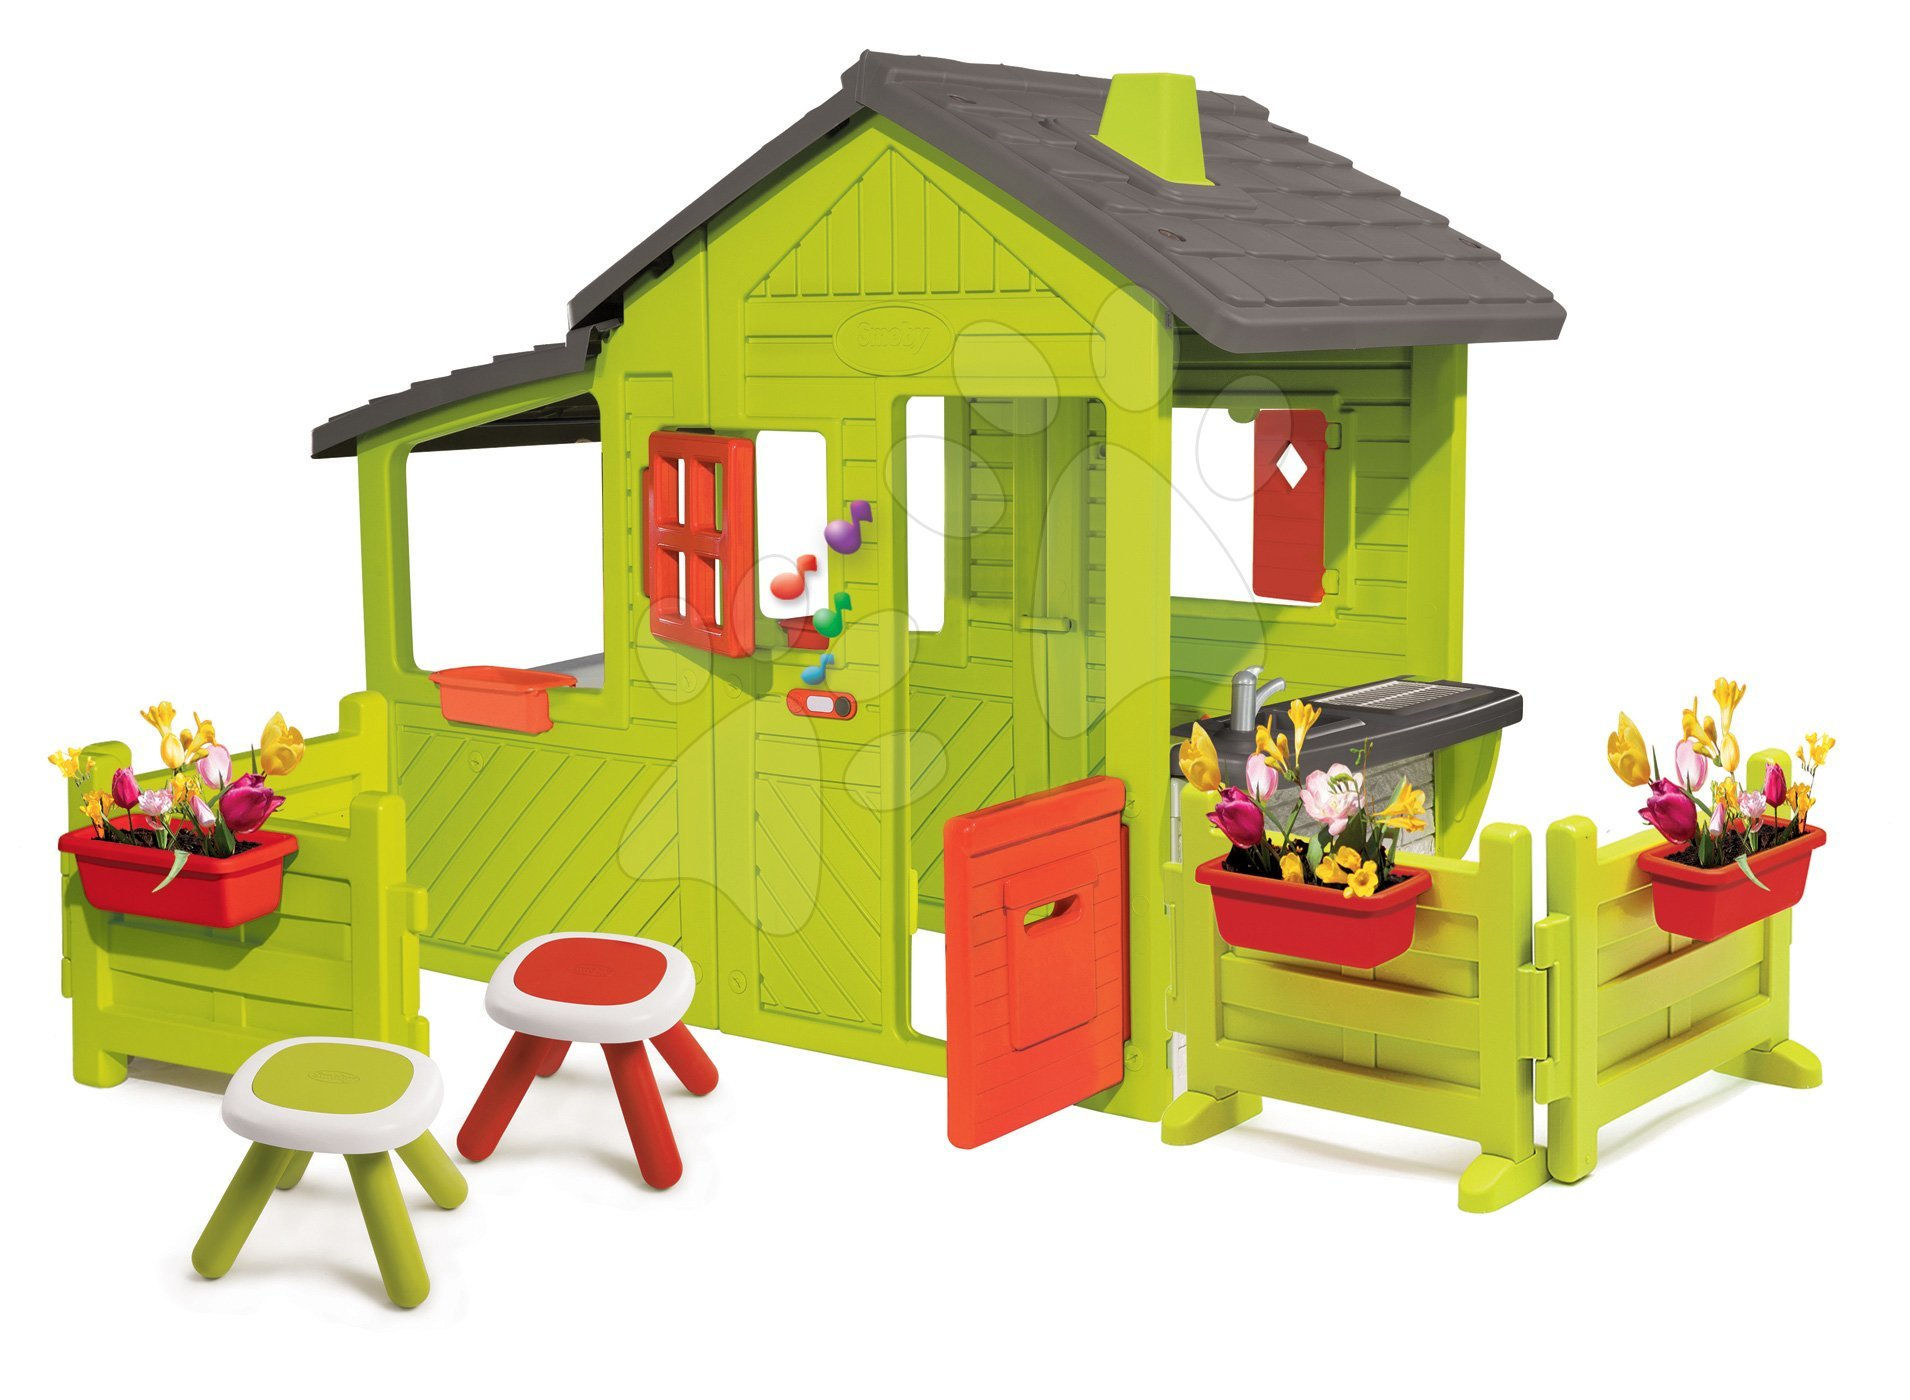 Házikó Kertész Neo Floralie Smoby csengővel kéménnyel két előkerttel és két asztalkával